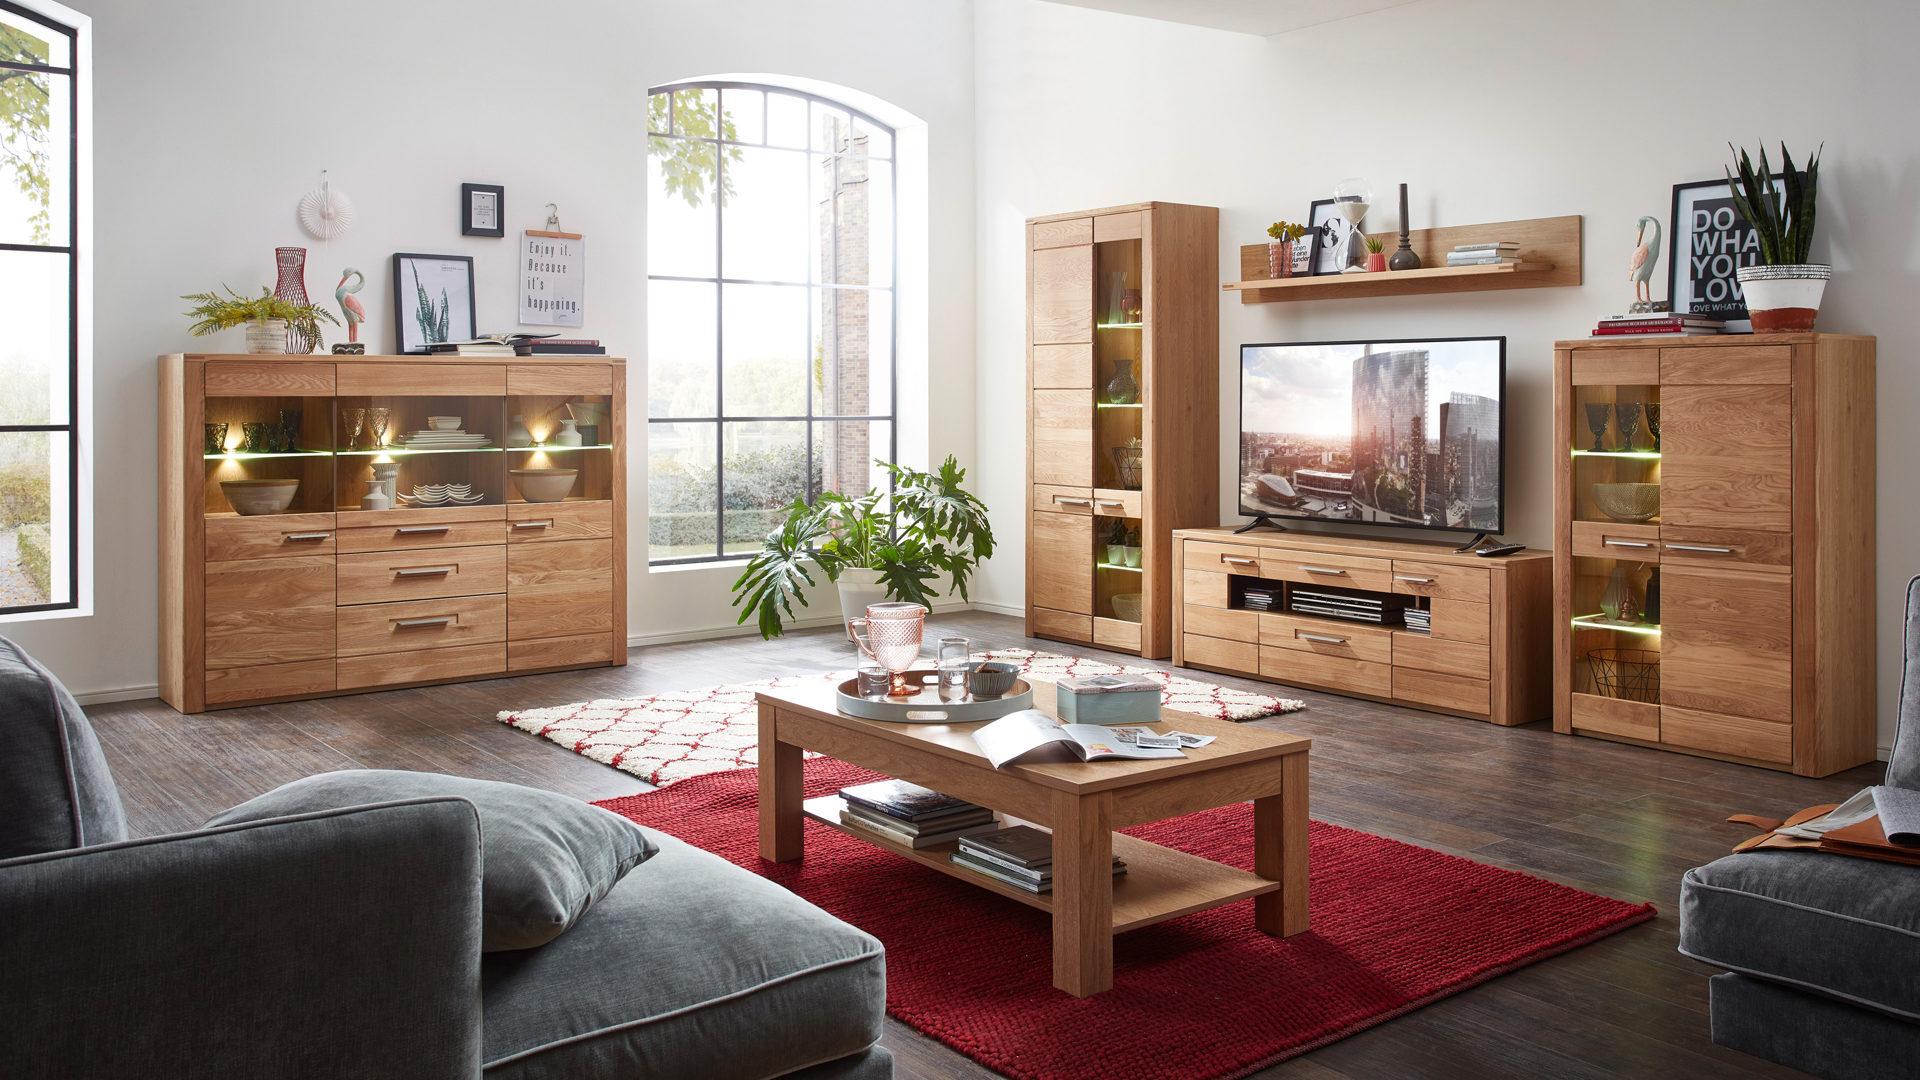 Wohnzimmermöbel wohnkauf zeller weilburg kawoo vitrine nature two als